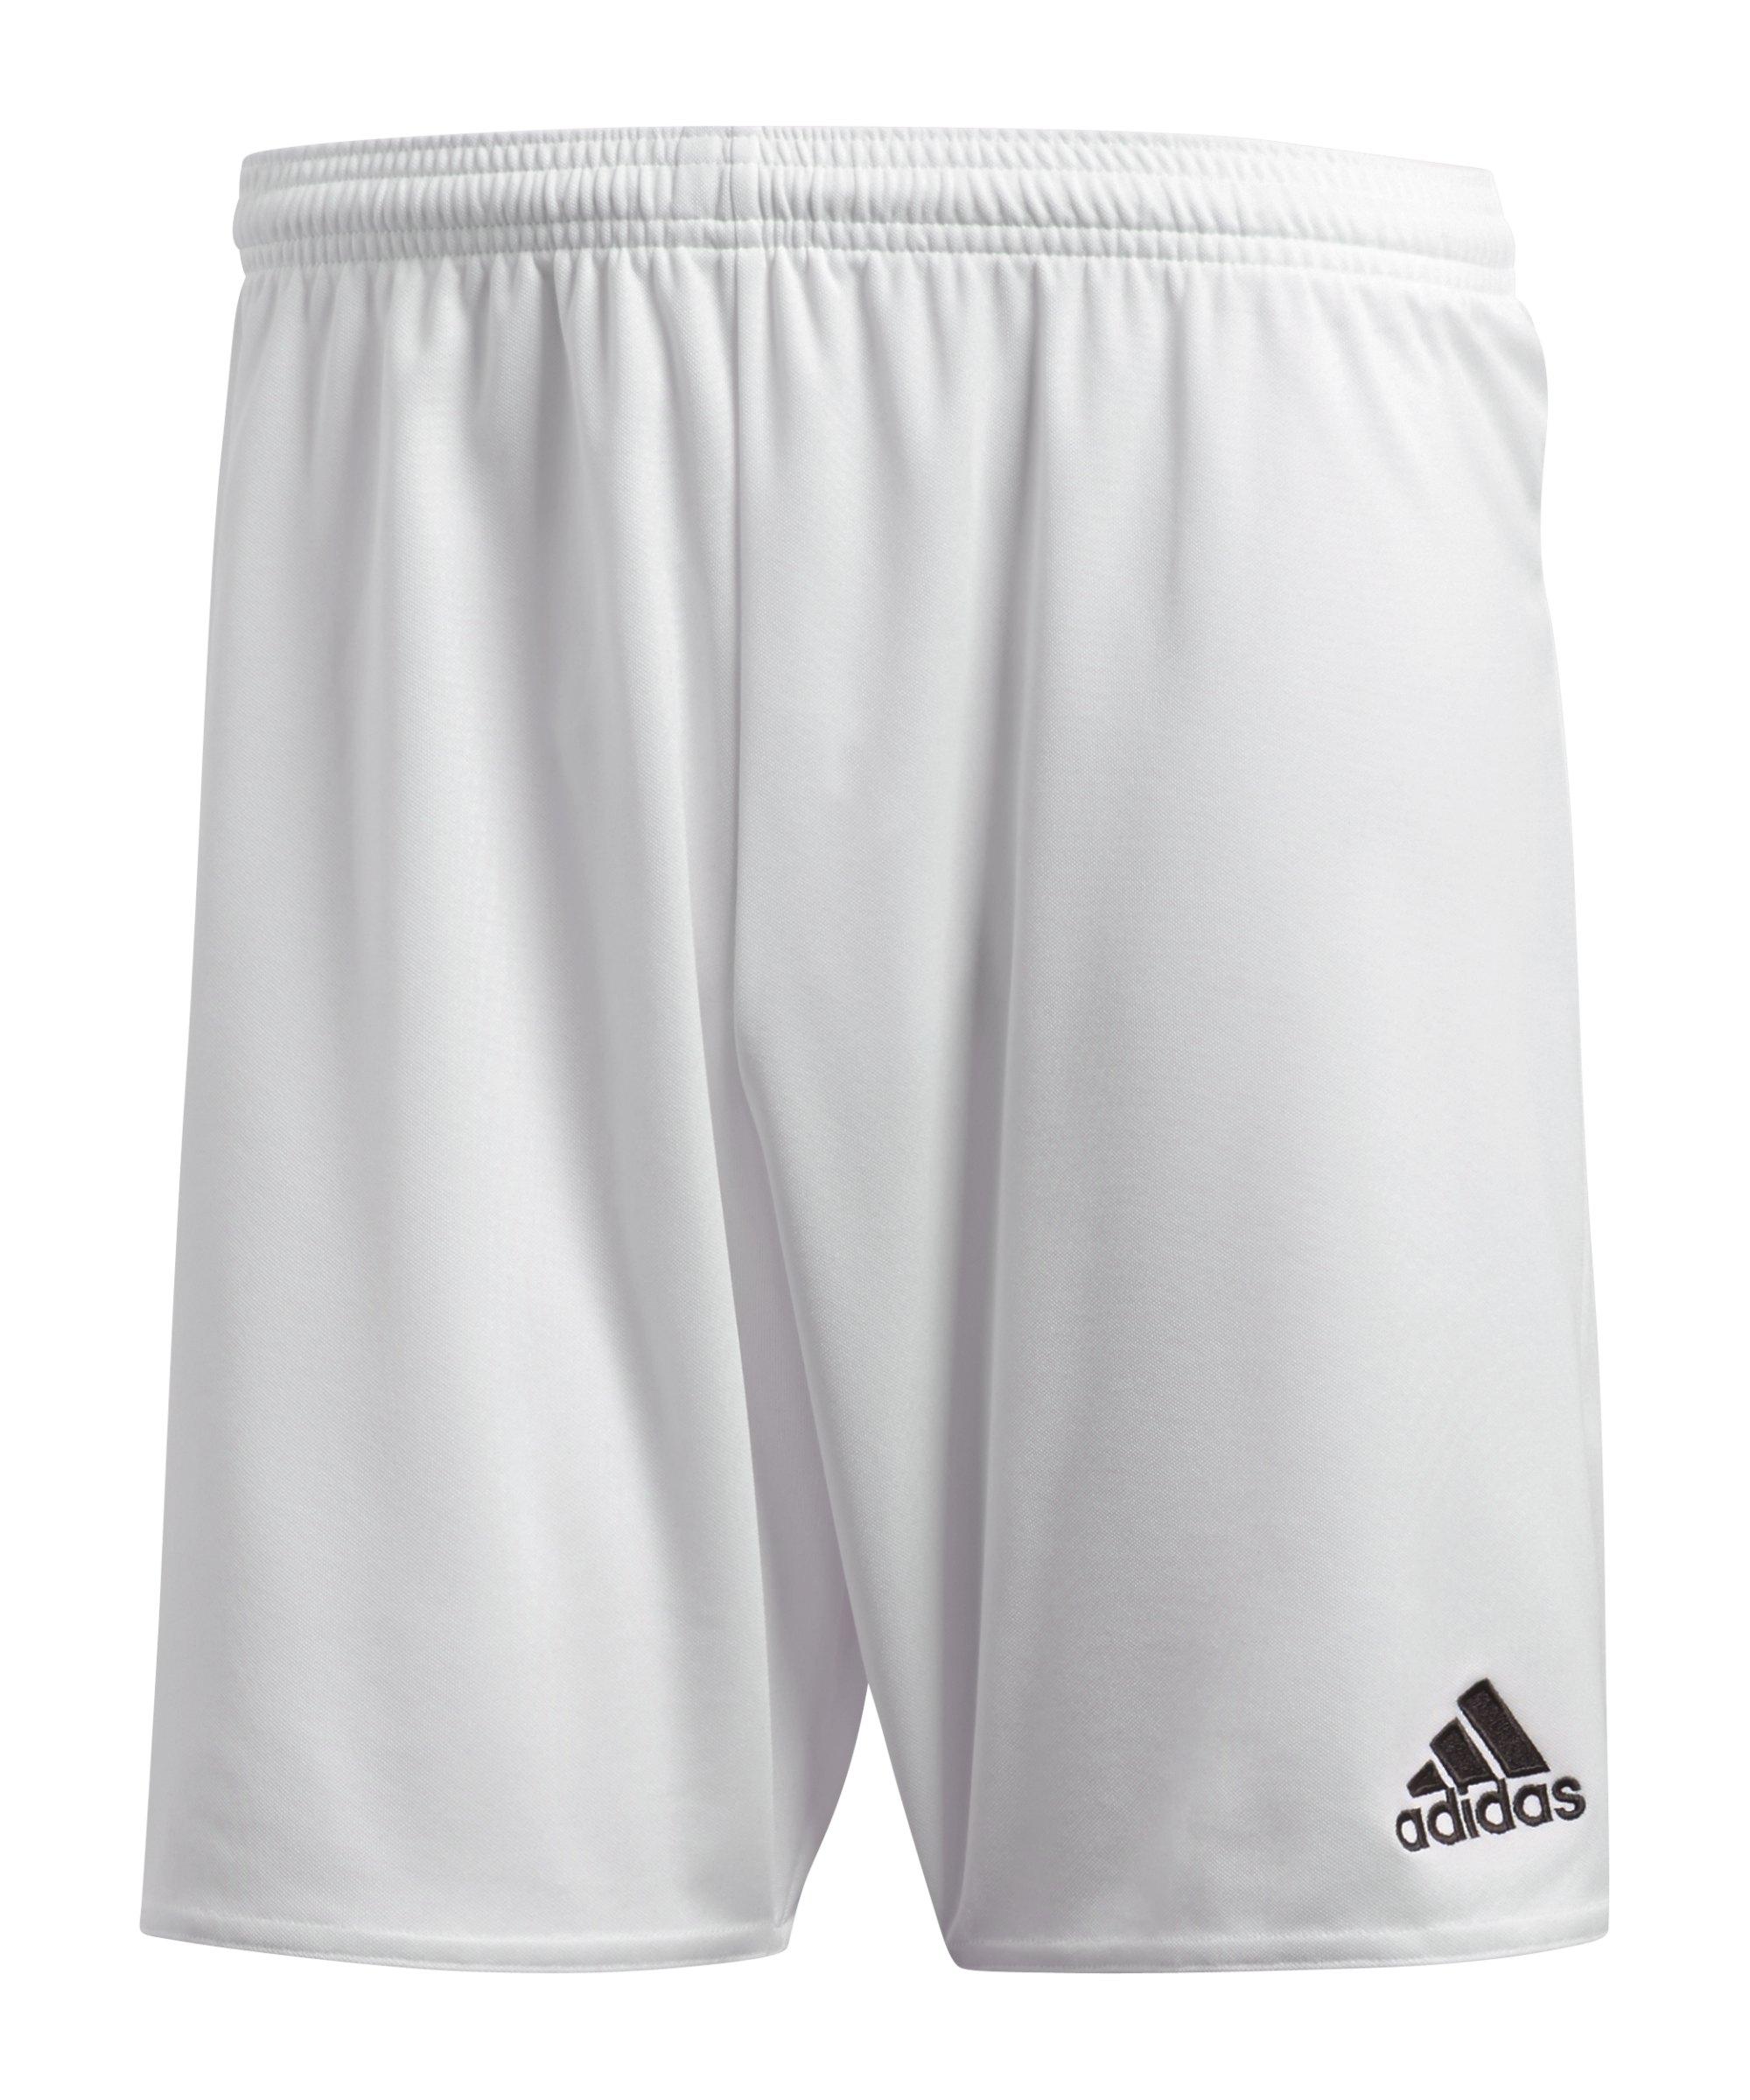 adidas Parma 16 Short ohne Innenslip Weiss